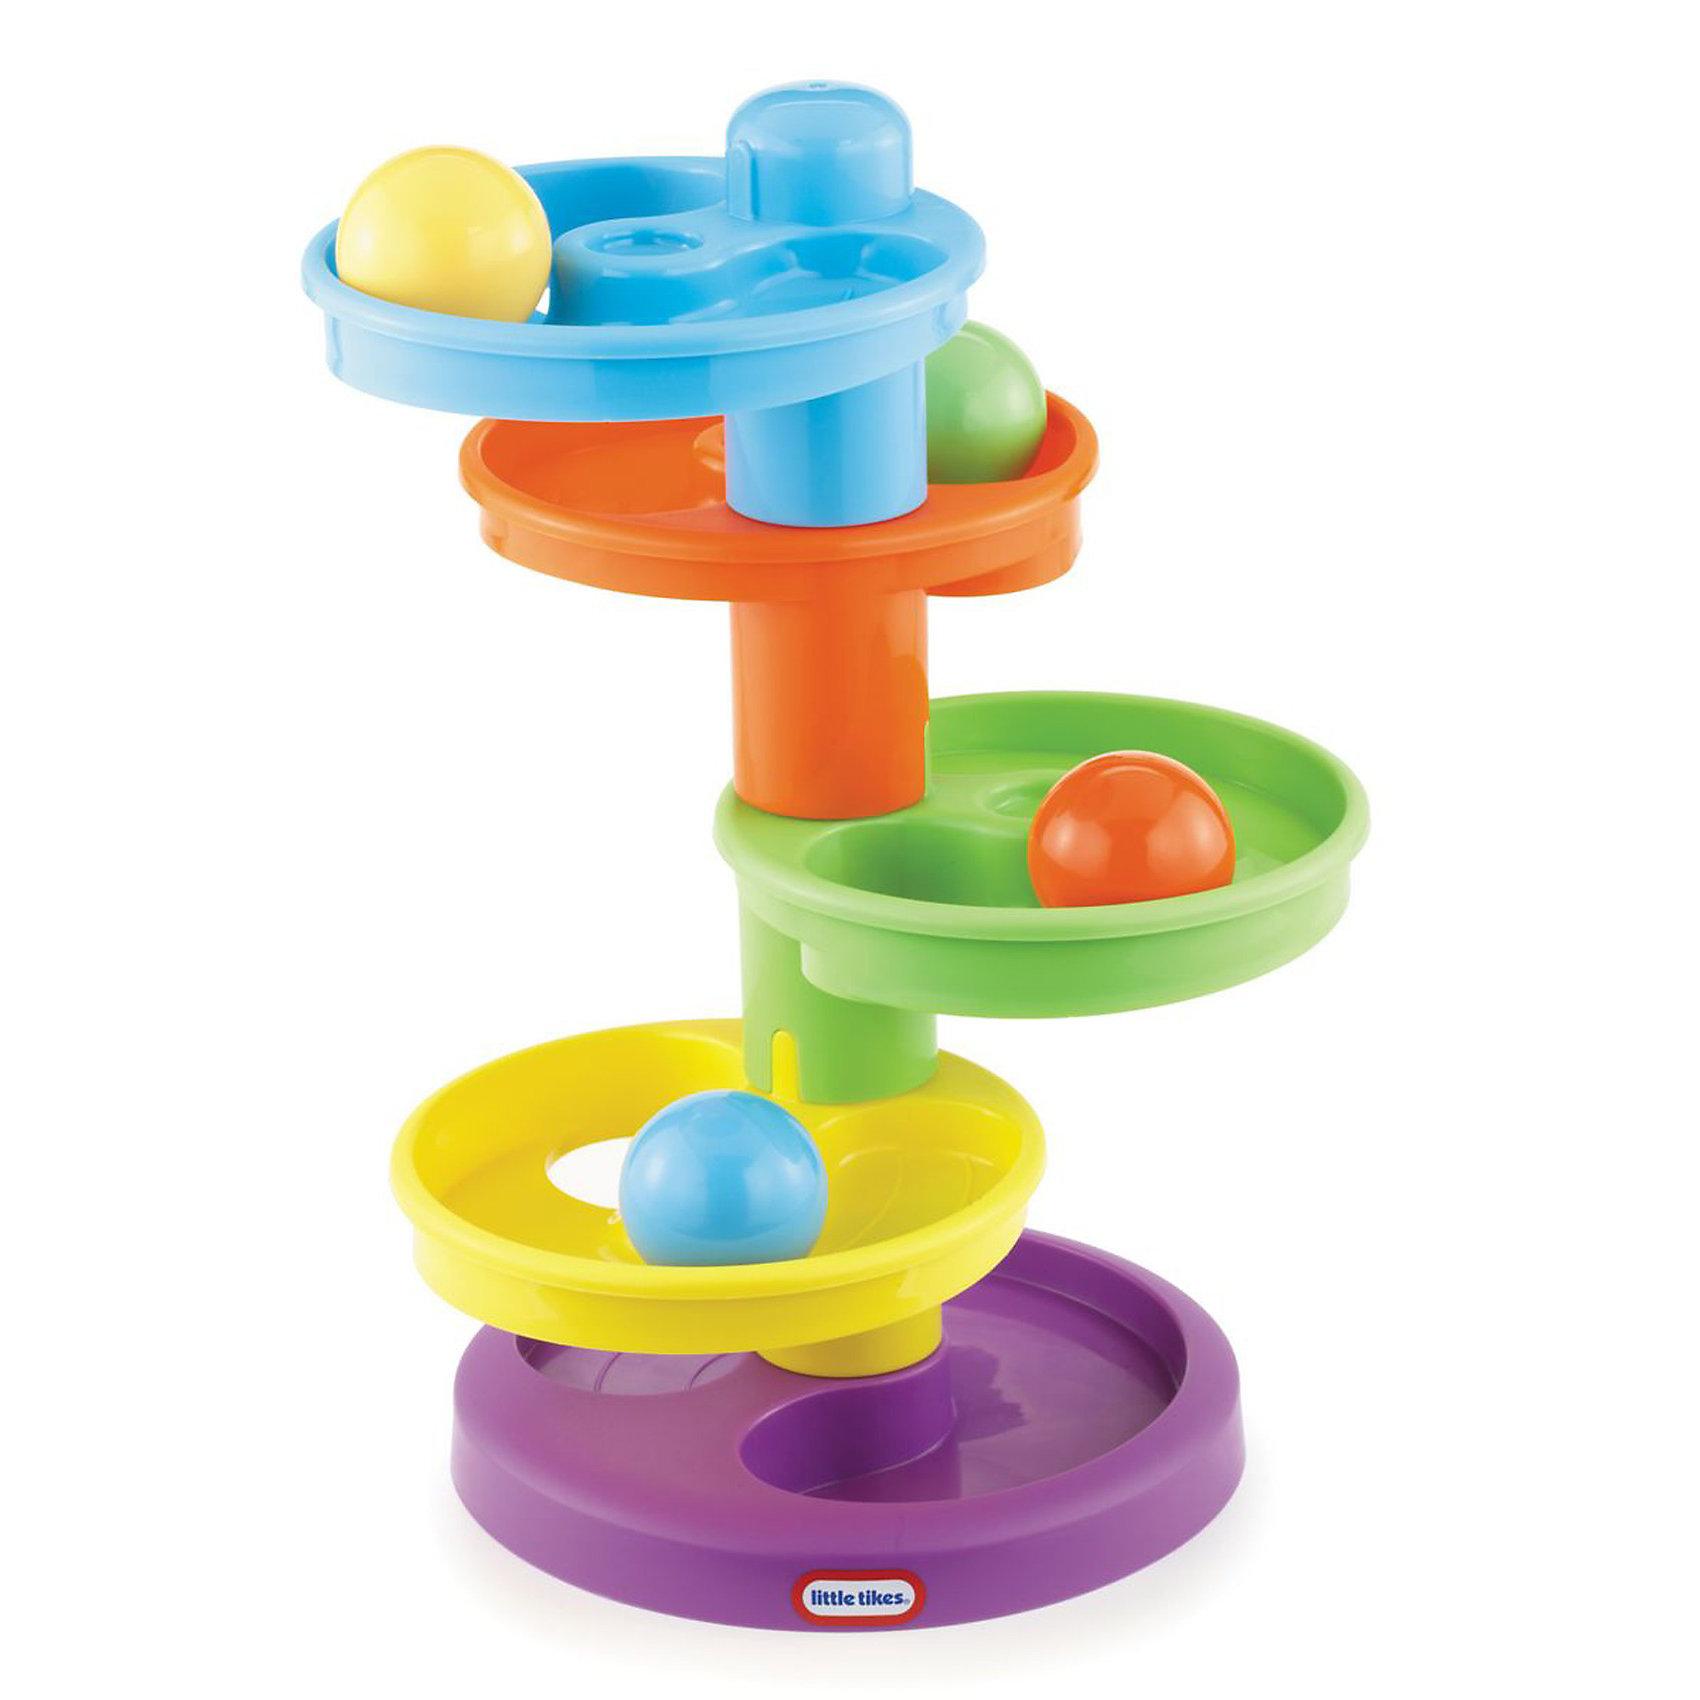 Развивающая игрушка Горка-спираль, Little TikesРазвивающие игрушки<br>Горка-спираль Little Tikes (Литл Тайкс) – завораживающая игрушка, в которую малыши будут играть бесконечно! Ведь так интересно наблюдать, как разноцветные шарики катятся с уровня на уровень, один за другим. Поместите шарик на верхнюю чашу и наблюдайте, как он неумолимо стремится вниз, перескакивая с одного разноцветного этажа на другой. <br>Развивающая игрушка Горка-спираль - первый шаг ребенка в мир конструирования объемных лабиринтов. C помощью конструктора можно построить простой лабиринт, по которому будут кататься шарики. Шарики – главные персонажи игры. Ребенок запускает шарик и с интересом следит как он движется по дорожкам, проходит лабиринт и выскакивает наружу. Такое наблюдение - занятие завораживающее, игрушка надолго привлечет внимание ребенка. Яркие цвета и форма игрушки направлены на развитие мыслительной деятельности, цветовосприятия, тактильных ощущений и мелкой моторики рук ребенка.<br><br>Дополнительная информация:<br><br>- В комплекте: горка-спираль из четырех разноцветных чаш на широком устойчивом основании, четыре разноцветных гладких пластмассовых шарика;<br>- Игрушка помогает развить координацию движений, моторные навыки, с помощью разноцветных мячиков можно изучать цвета и счет;<br>- Материал:  пластик;<br>- Размеры: 12 х 28 х 28 см;<br>- Вес: 727 г.<br><br>Развивающую игрушку  Горка-спираль, Little Tikes (Литтл Тайкс)  можно купить в нашем интернет-магазине.<br><br>Ширина мм: 120<br>Глубина мм: 260<br>Высота мм: 280<br>Вес г: 726<br>Возраст от месяцев: 12<br>Возраст до месяцев: 36<br>Пол: Унисекс<br>Возраст: Детский<br>SKU: 3548350